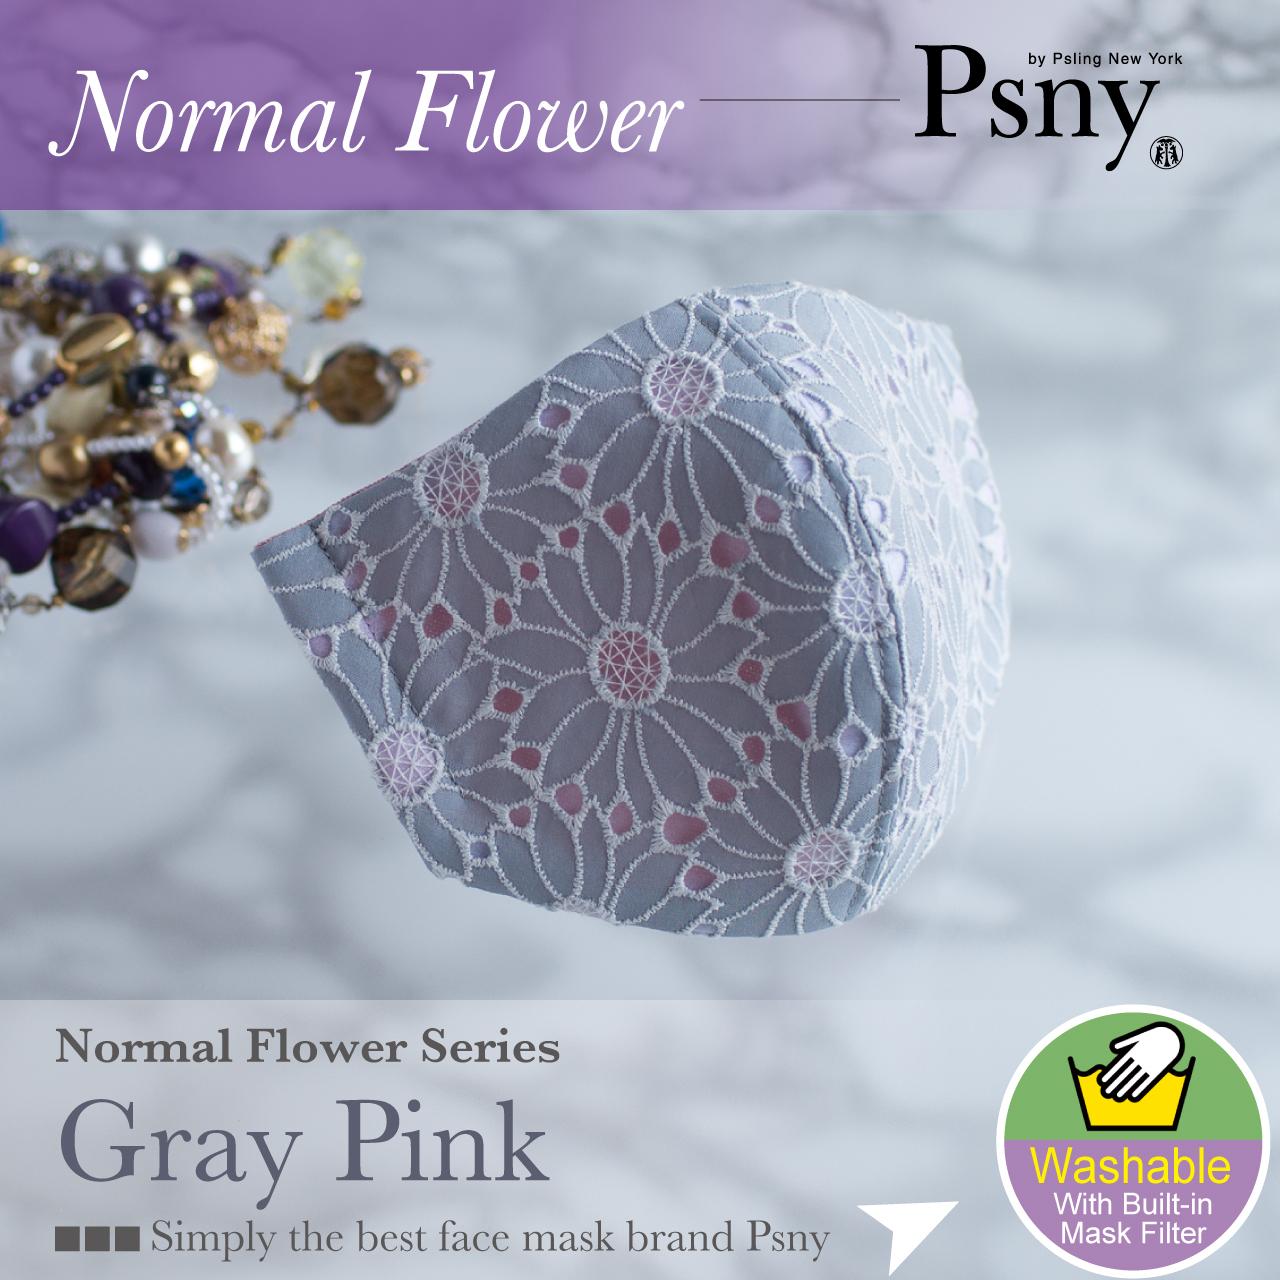 PSNY レース フラワー・グレイピンク 花粉 黄砂 洗える不織布フィルター入り 立体 大人用 マスク 送料無料 F04